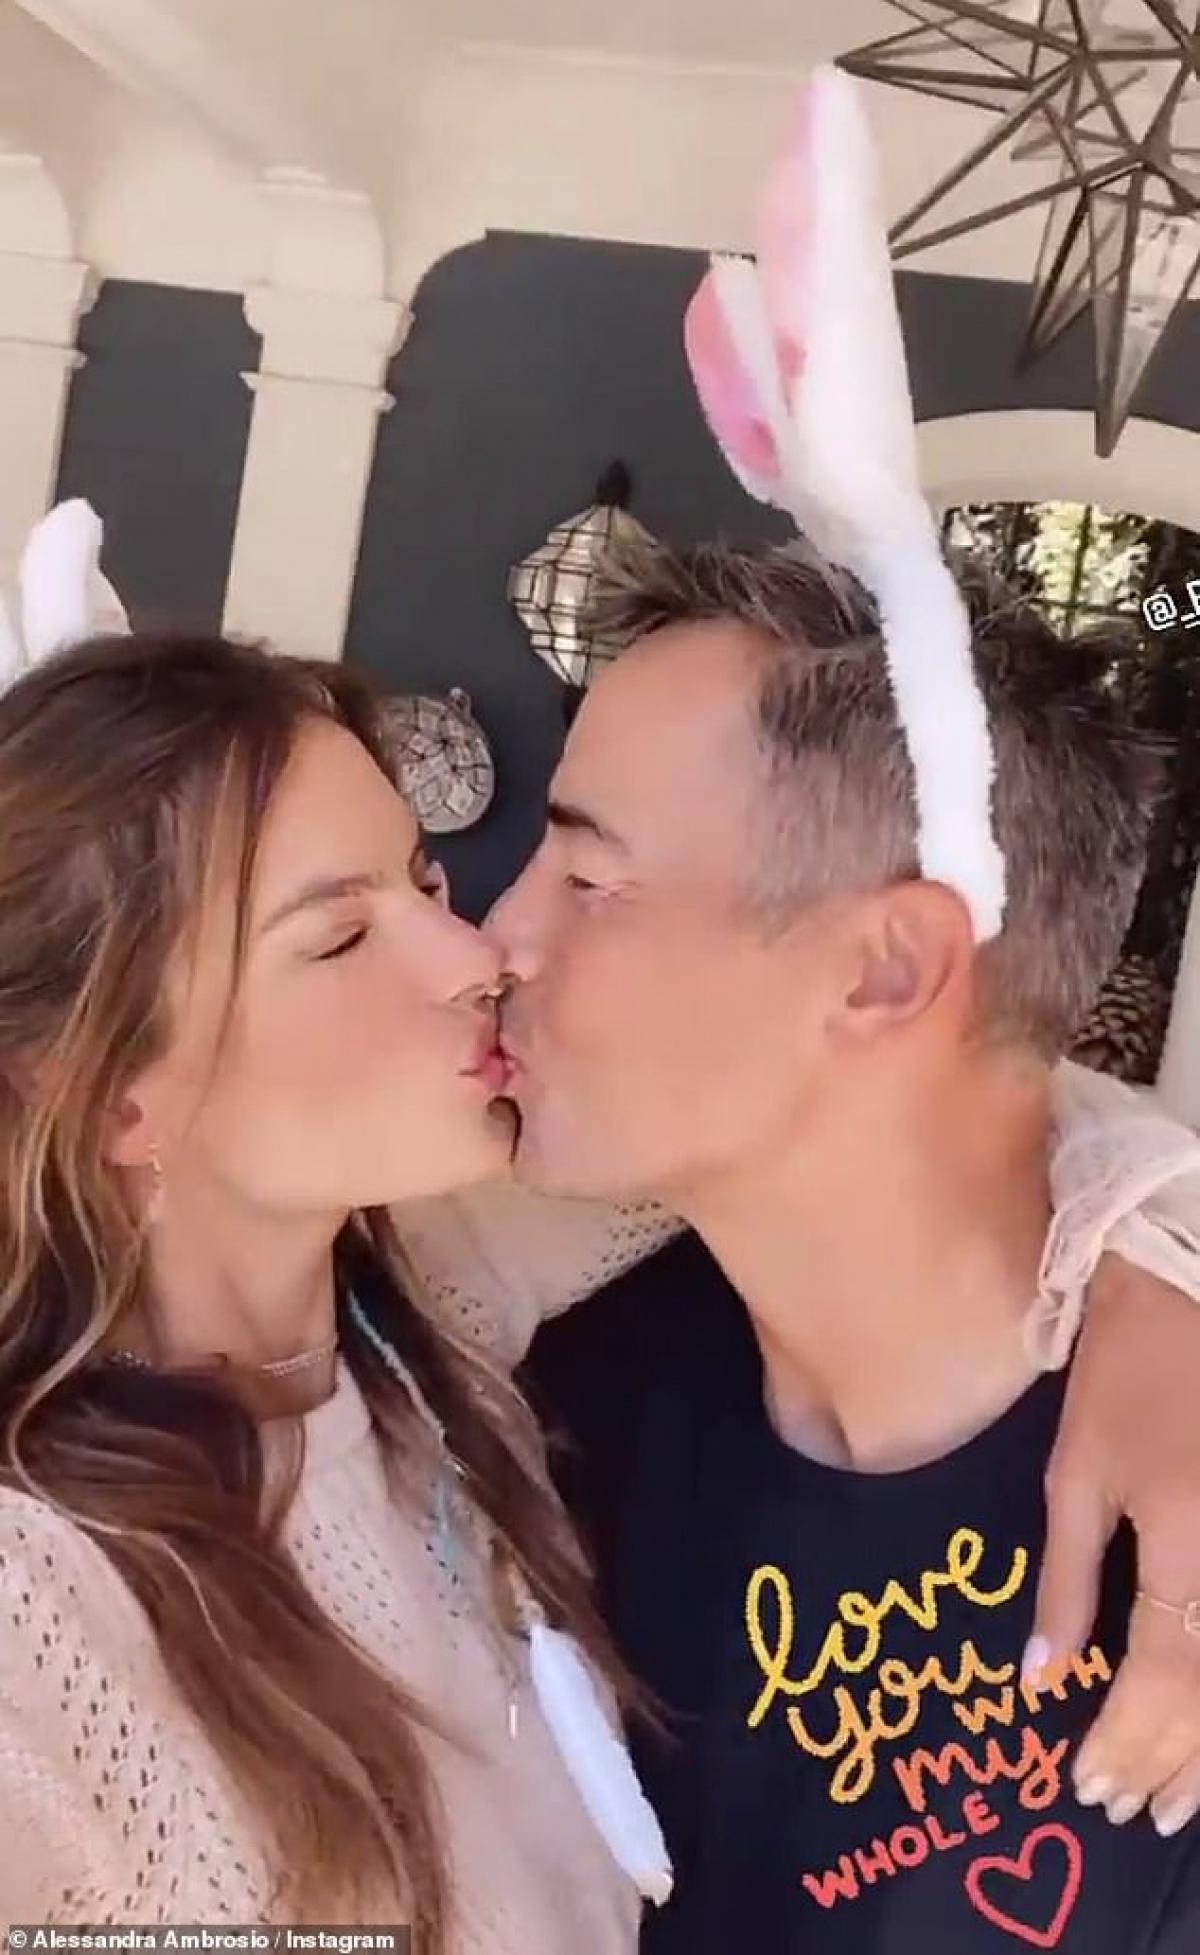 Nhân dịp lễ phục sinh trước đó, Alessandra Ambrosio cũng chia sẻ loạt khoảnh khắc ngọt ngào bên tình yêu mới - Richard Lee trên trang Instagram cá nhân.